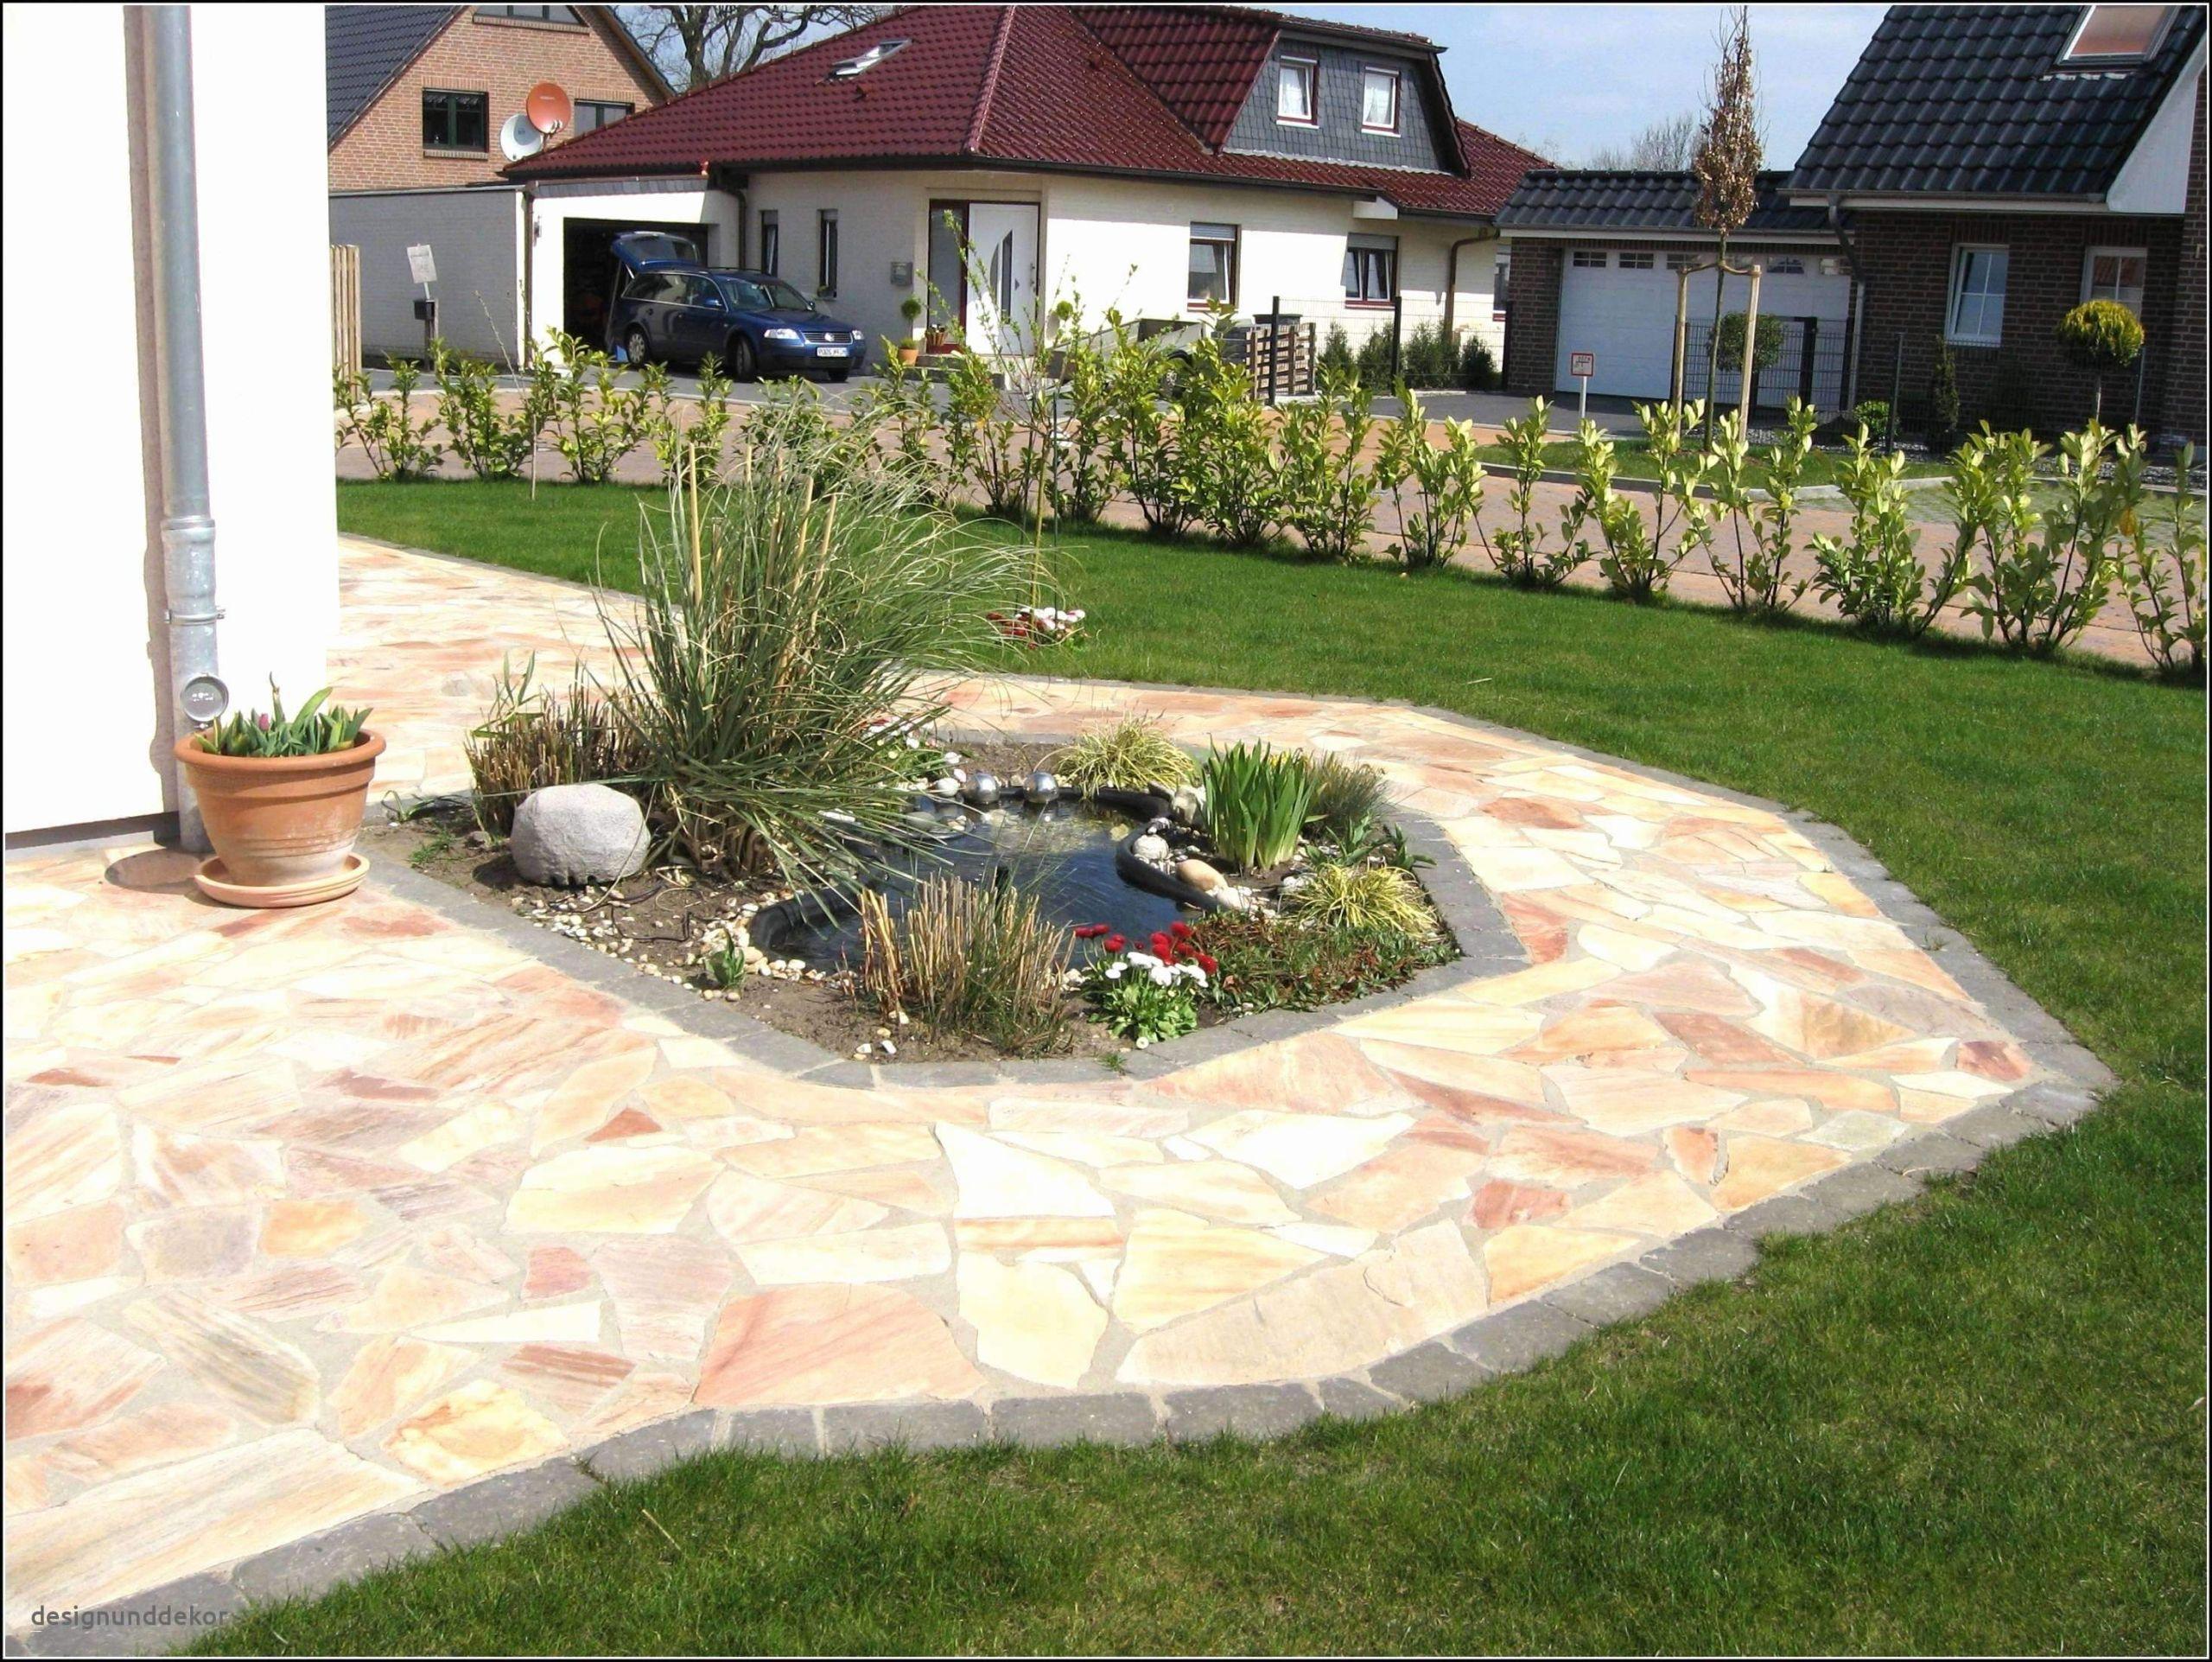 Ideen Garten Gestalten Luxus 39 Schön Permakultur Garten Anlegen Frisch